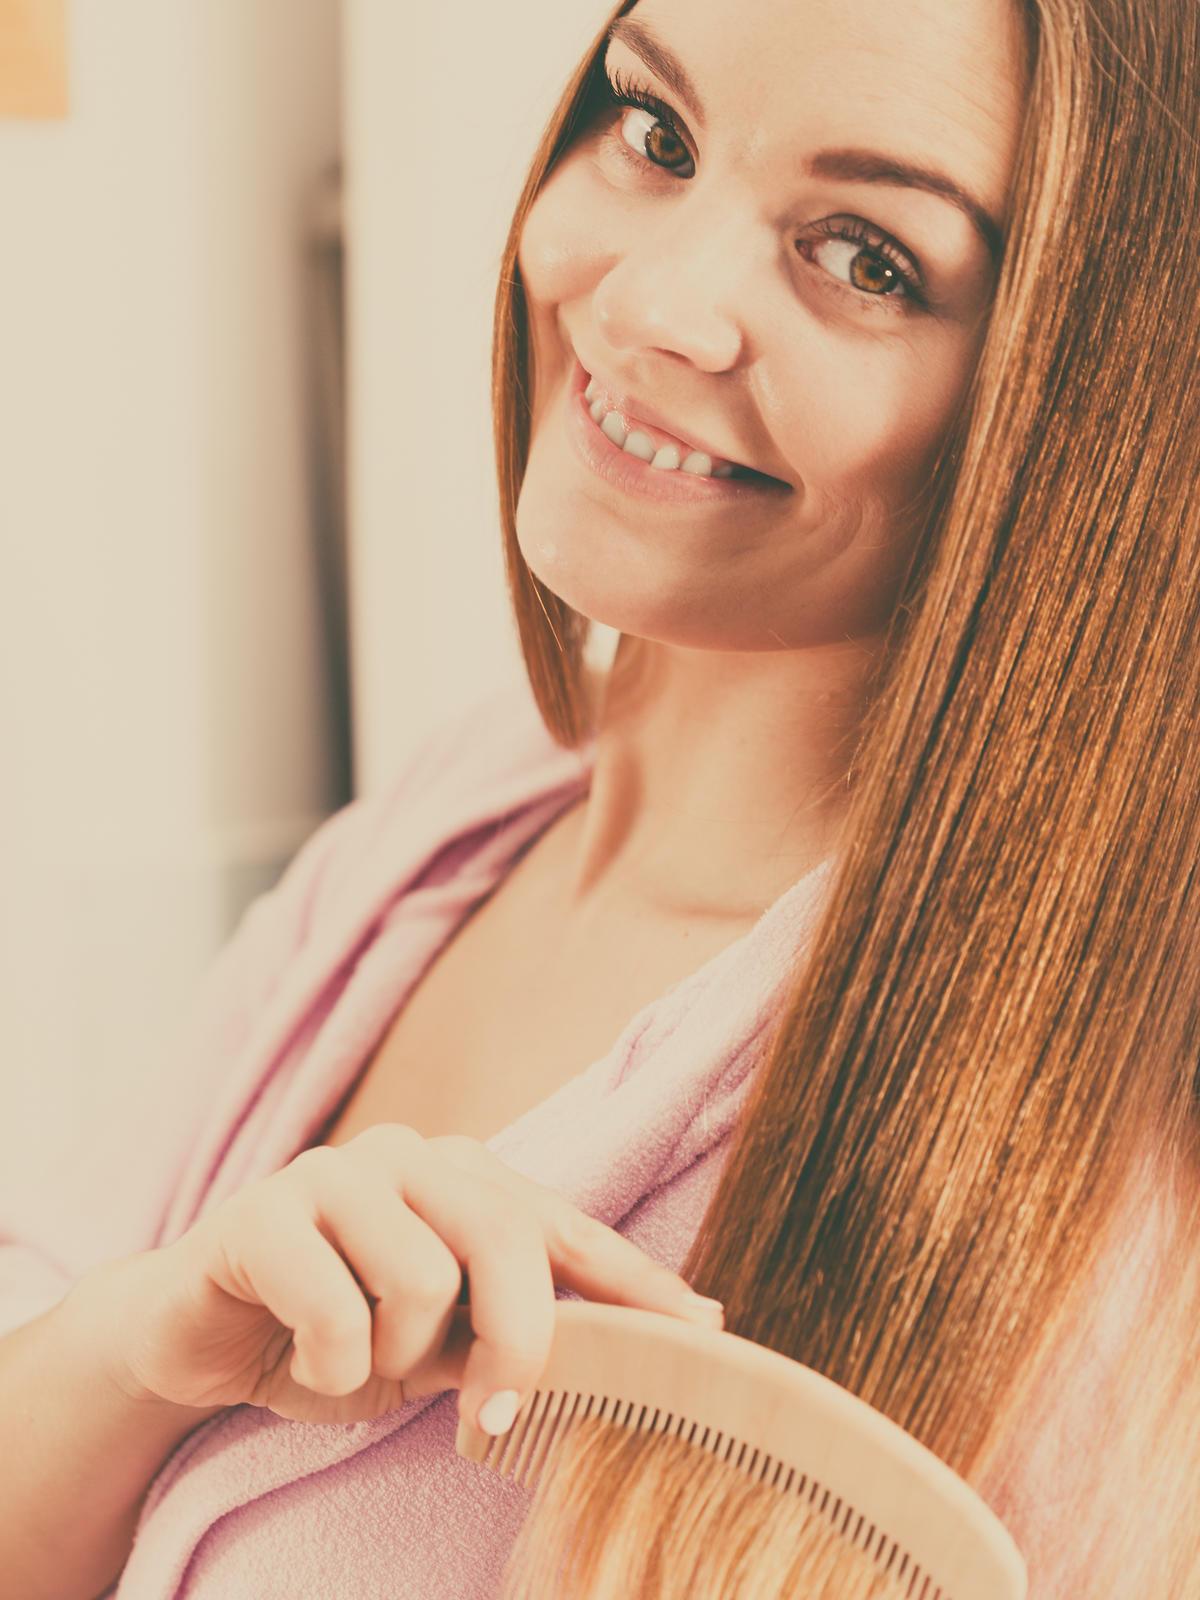 Nie rozczesujesz włosów przed myciem